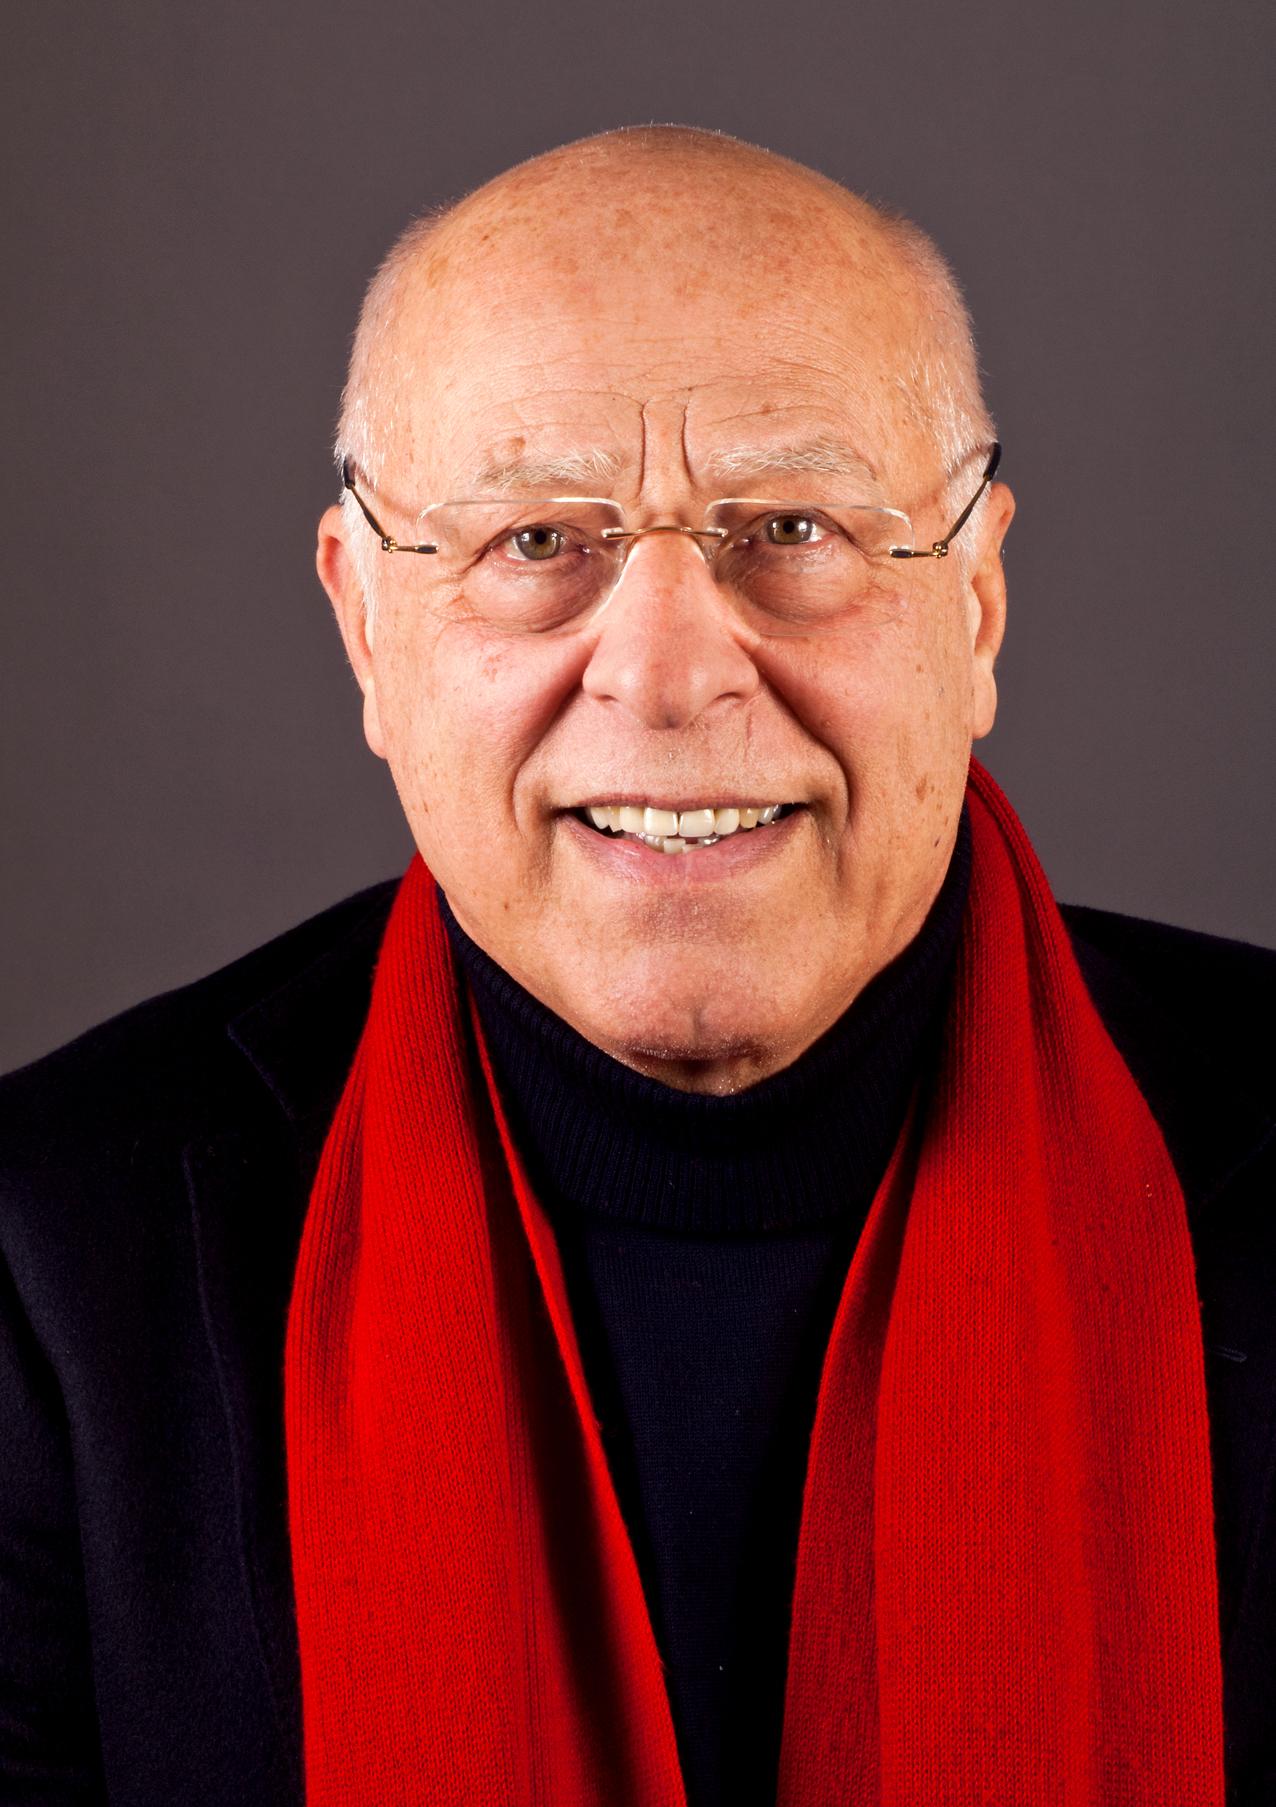 Prof. Vietta